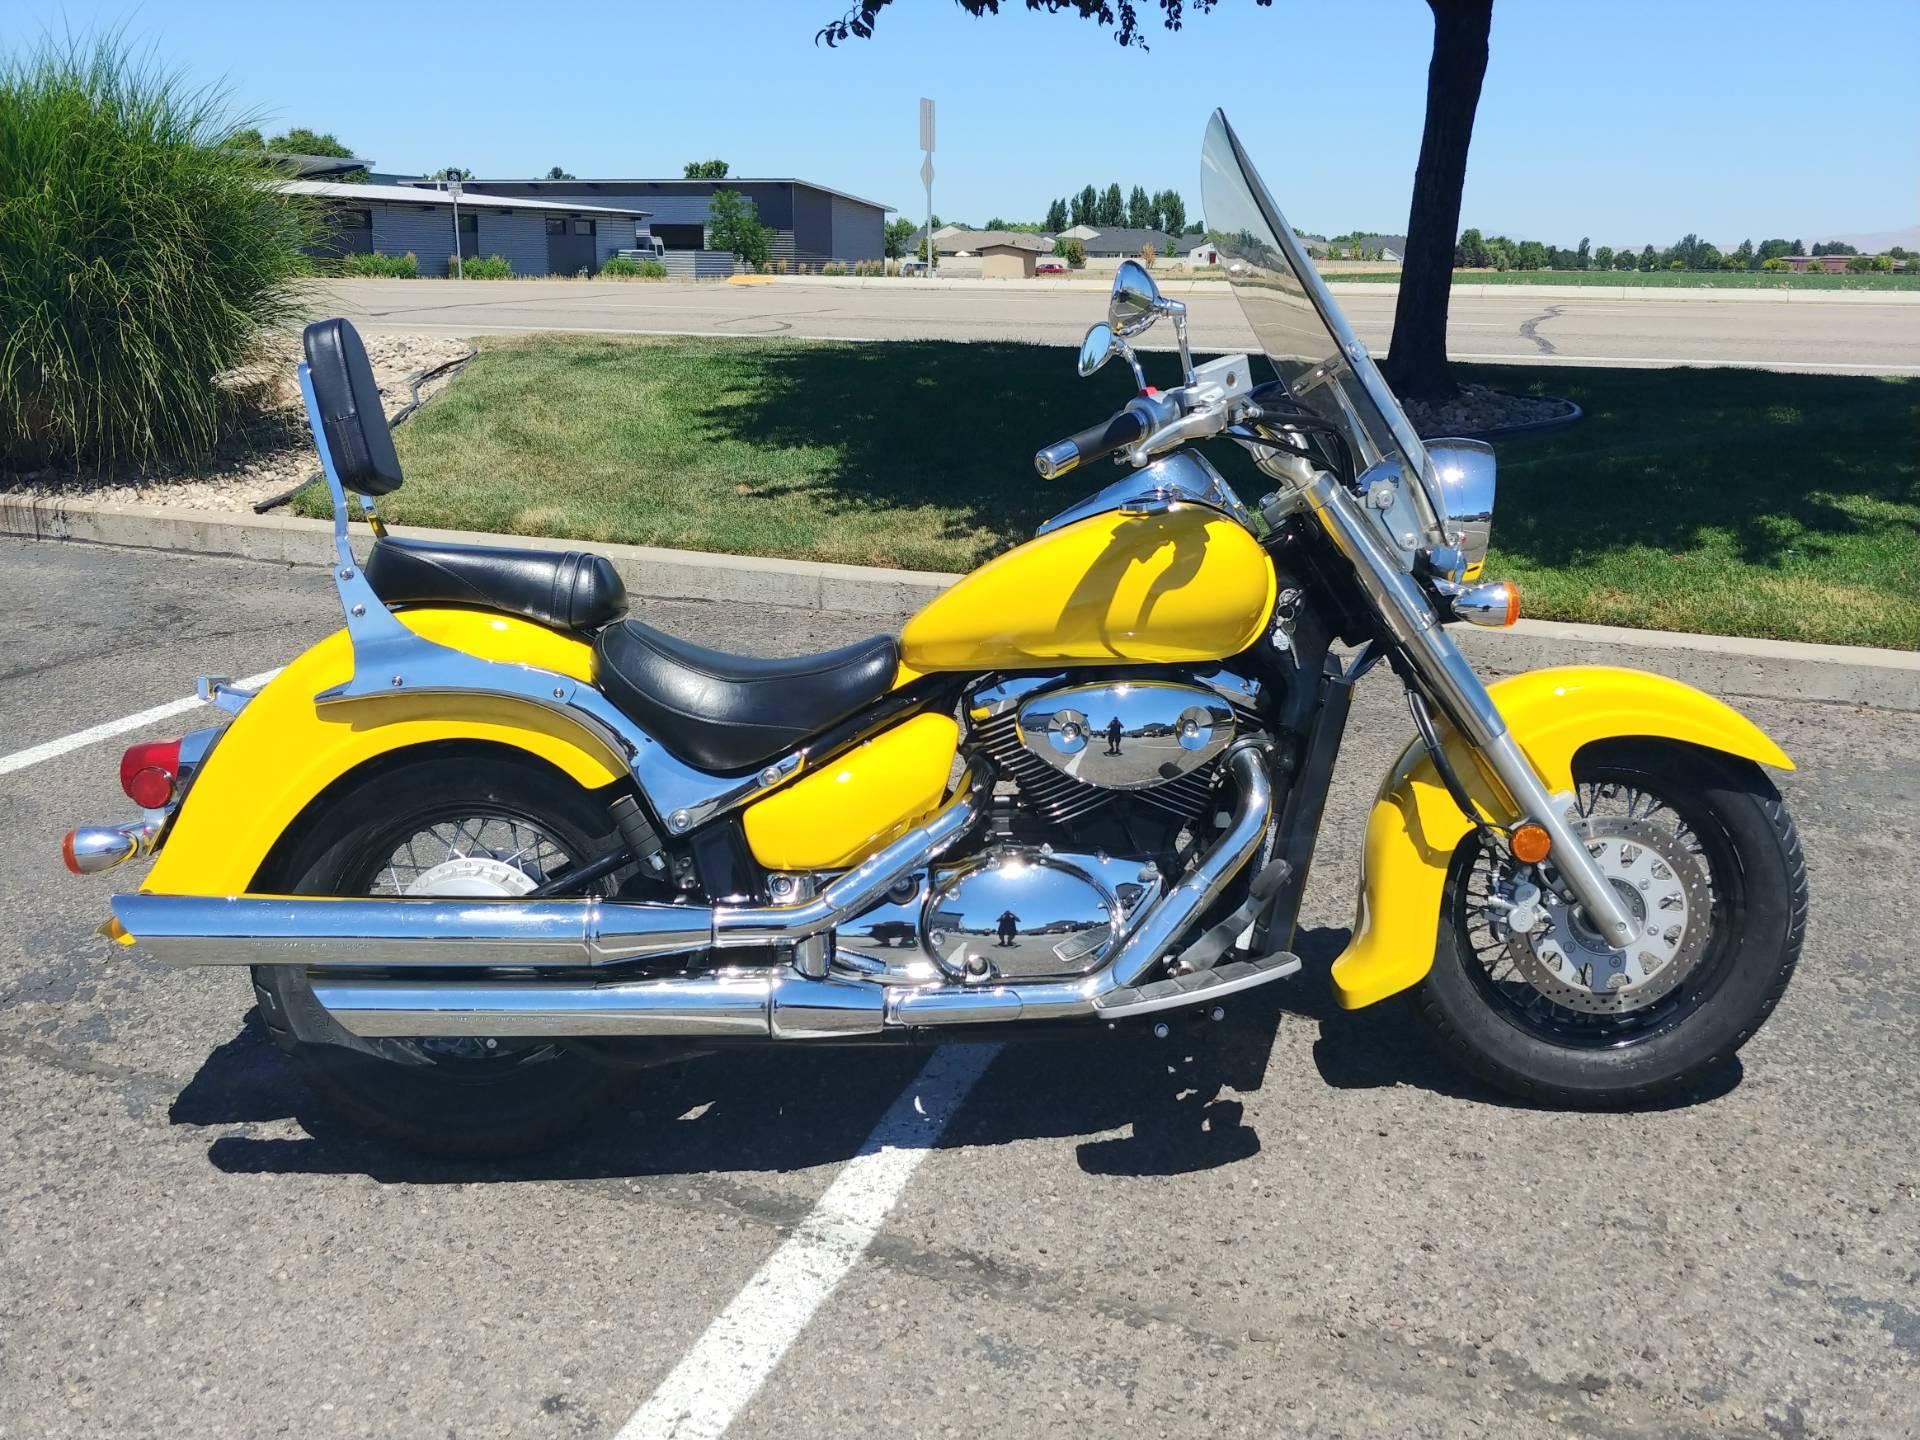 Used 2008 Suzuki Boulevard C50 Black Motorcycles in Meridian, ID